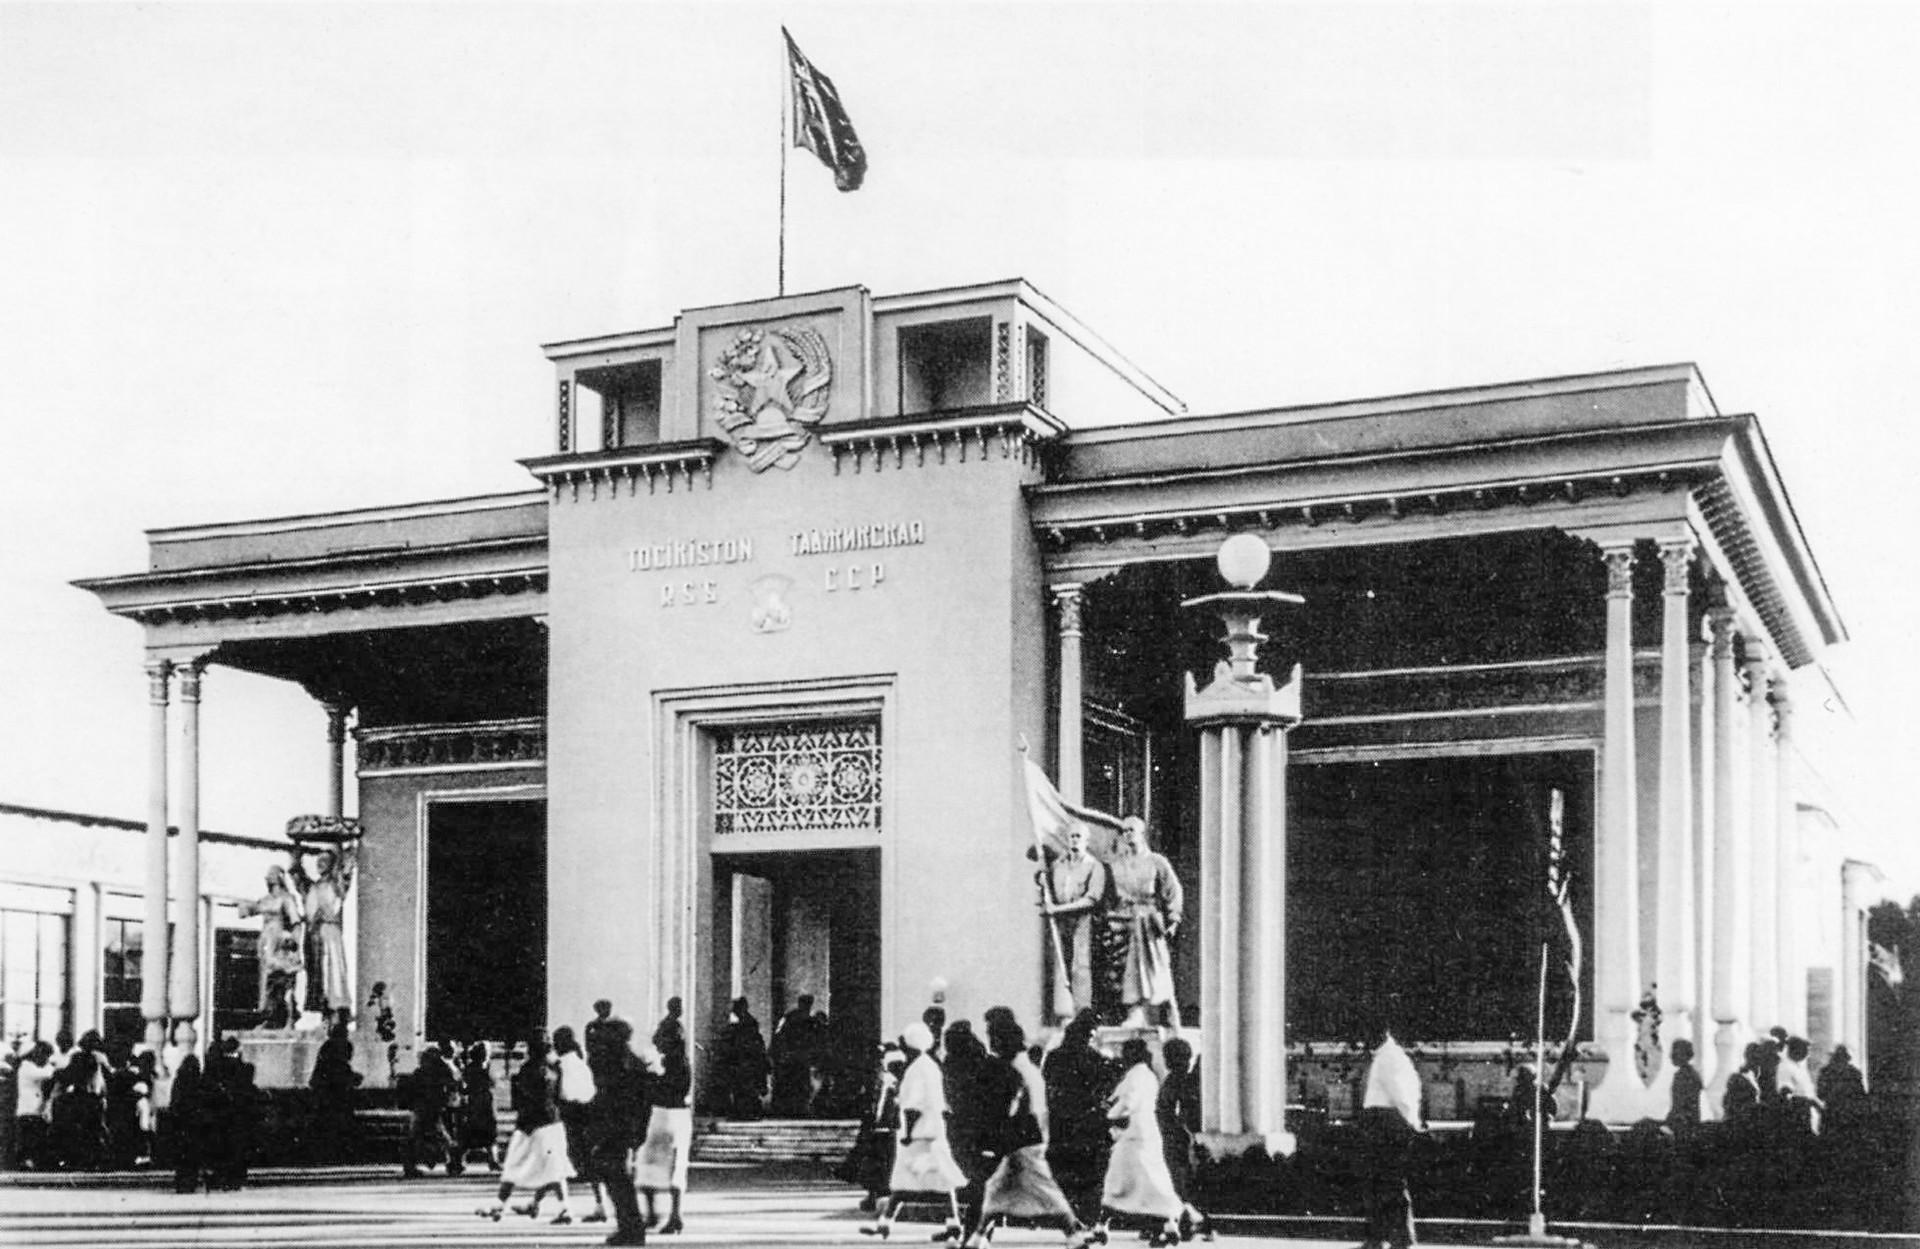 タジク・ソビエト社会主義共和国のパビリオン